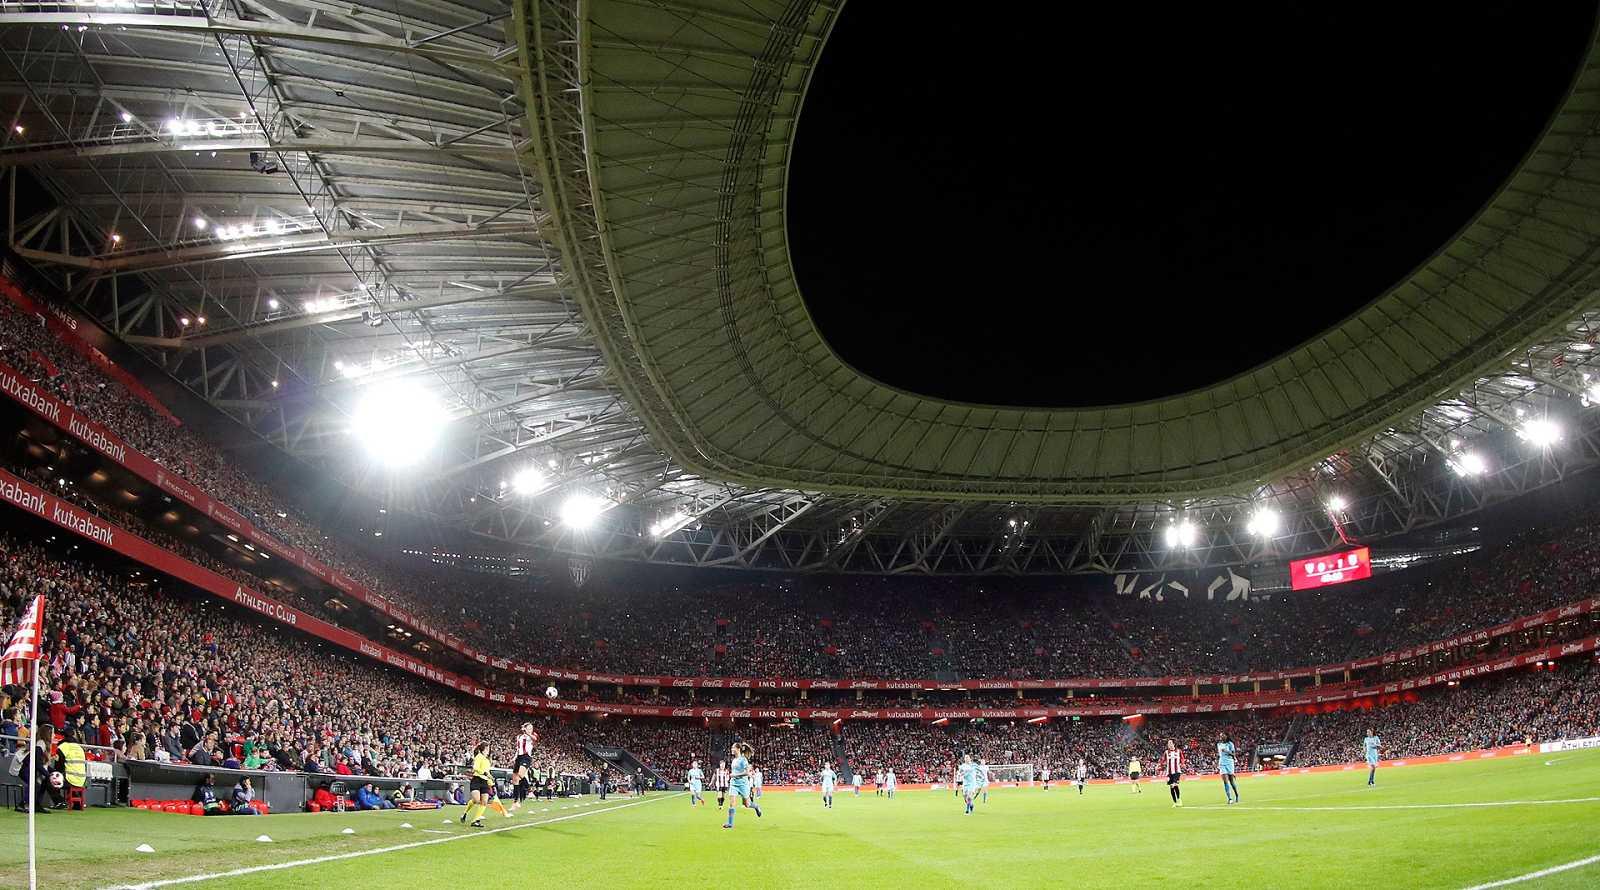 ... se reunieron en San Mamés para ver el partido entre el Athletic y el  reproducir video 01.00 min. El fútbol femenino bate su récord de asistencia  ... 0b1d899b5d44c